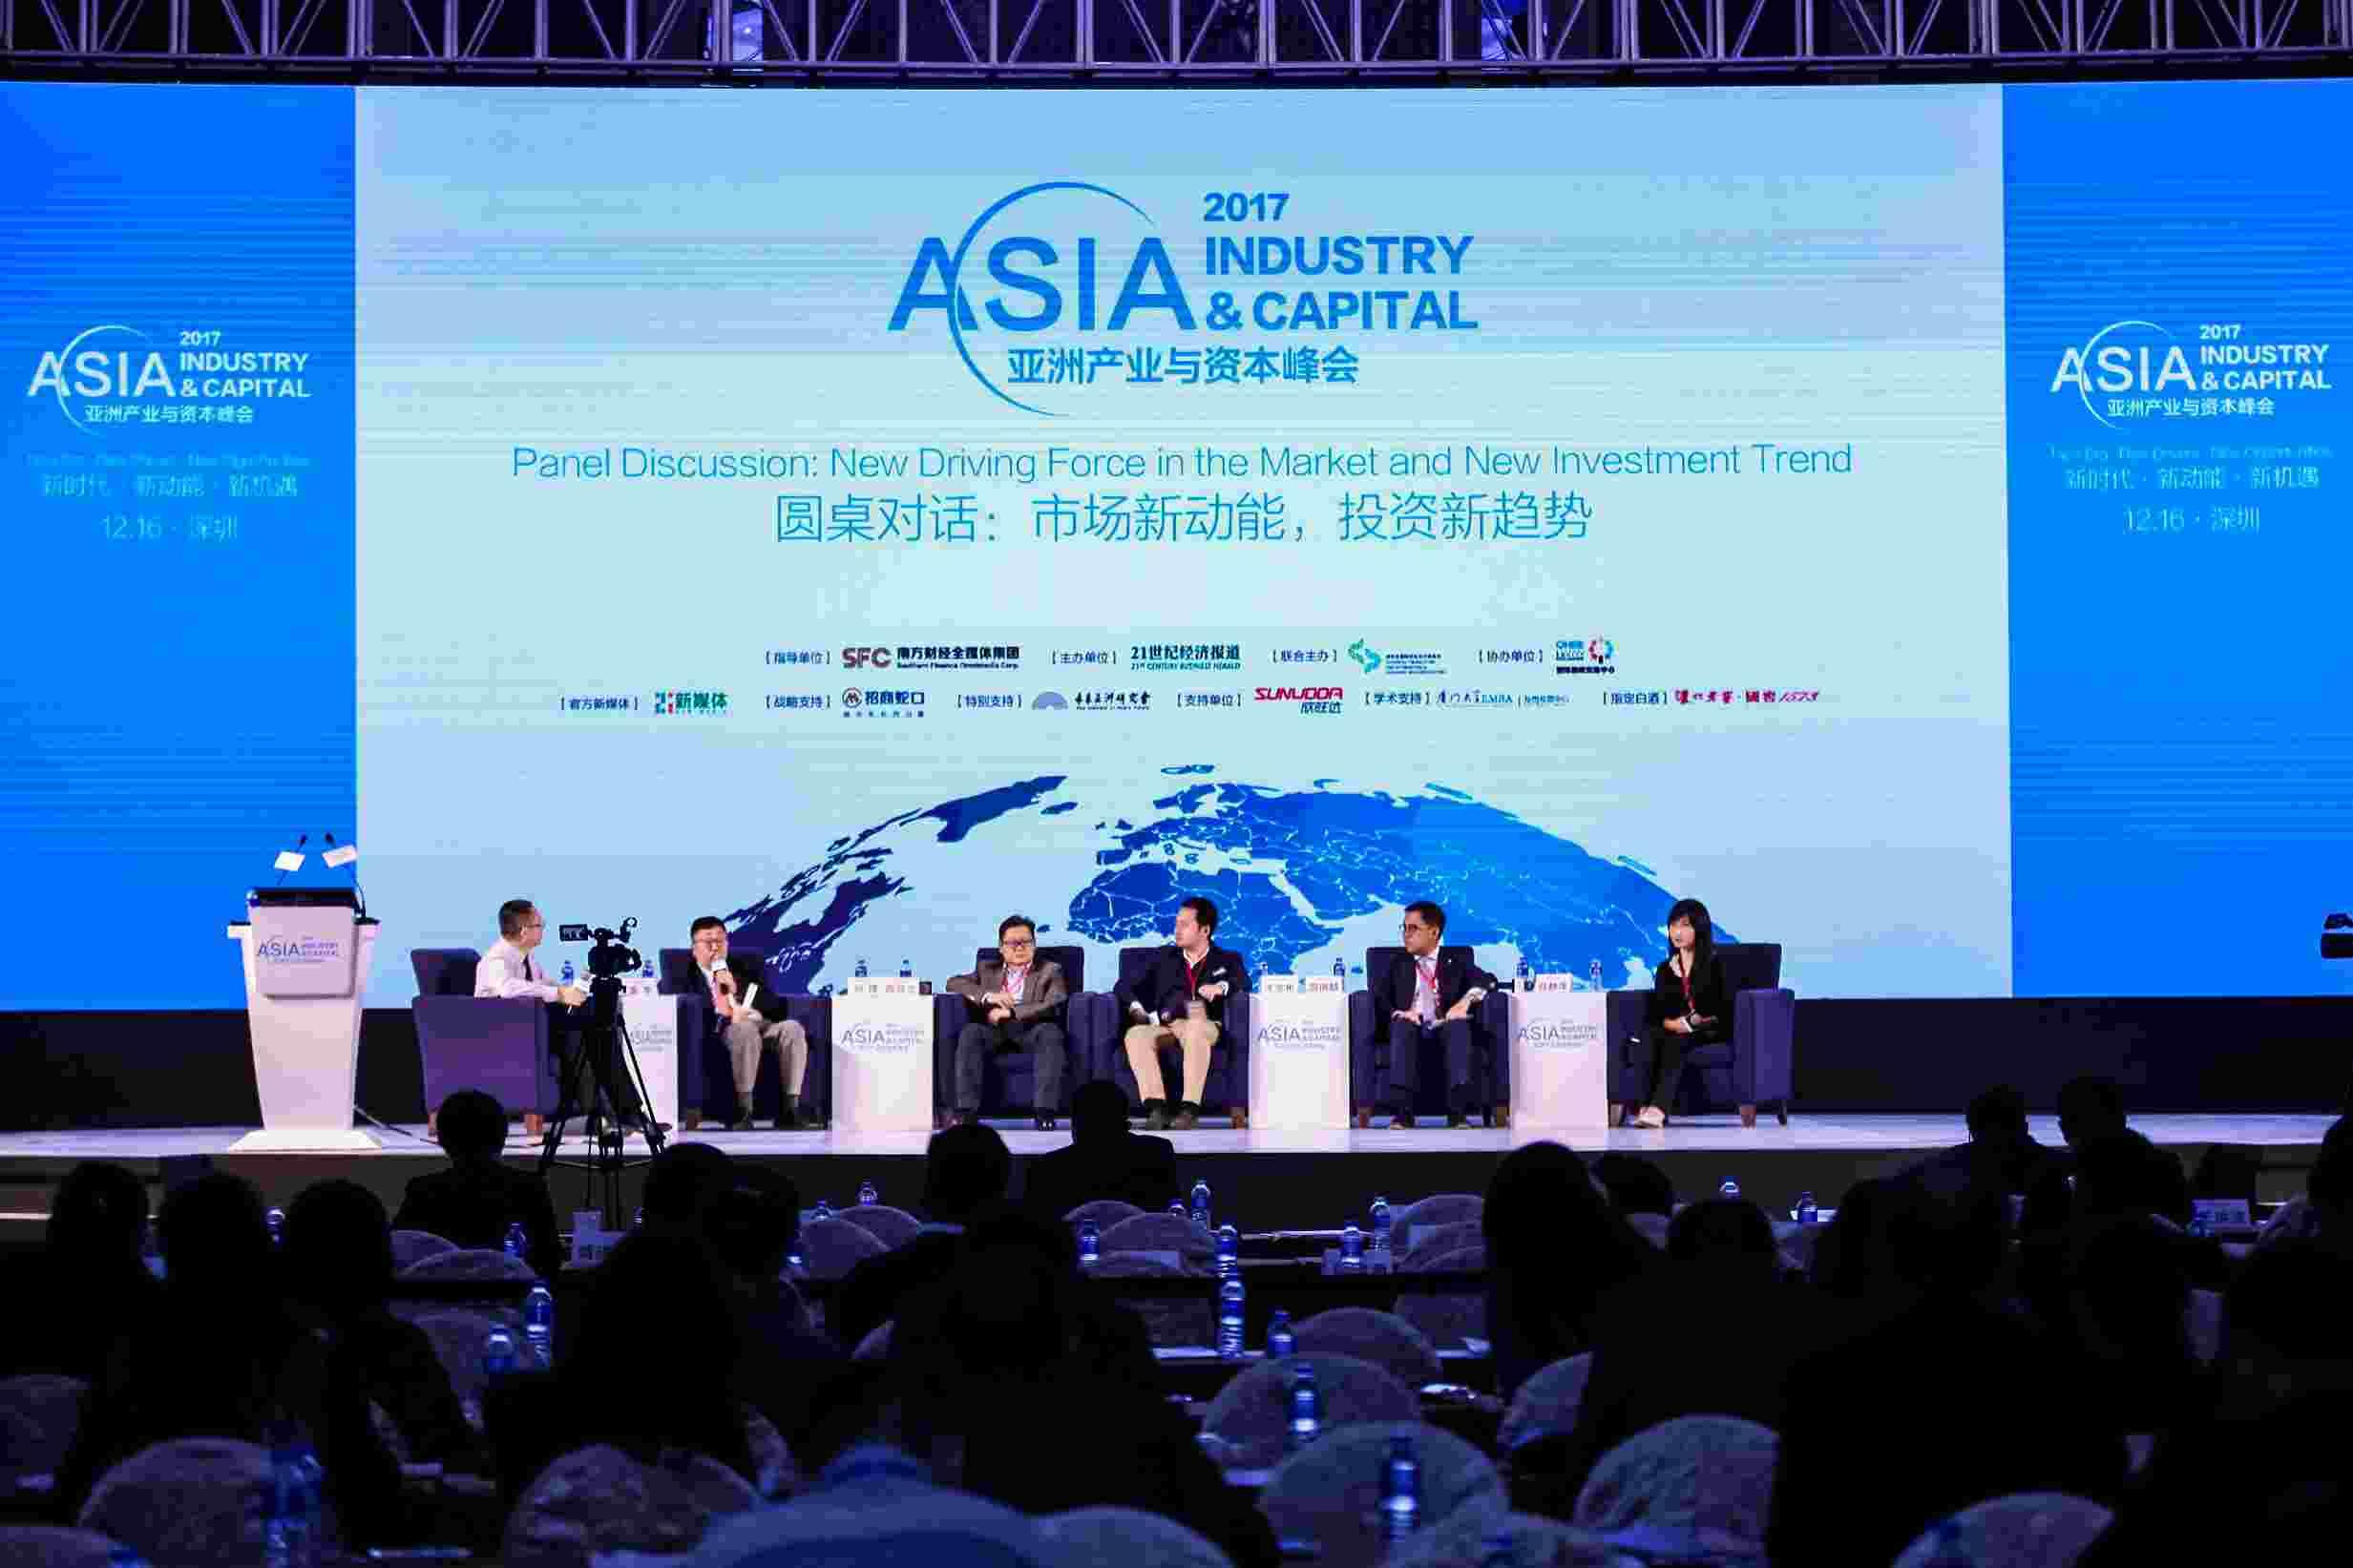 """培育新动能寻找新机遇 """"2017亚洲产业与资本峰会""""盛大举行"""